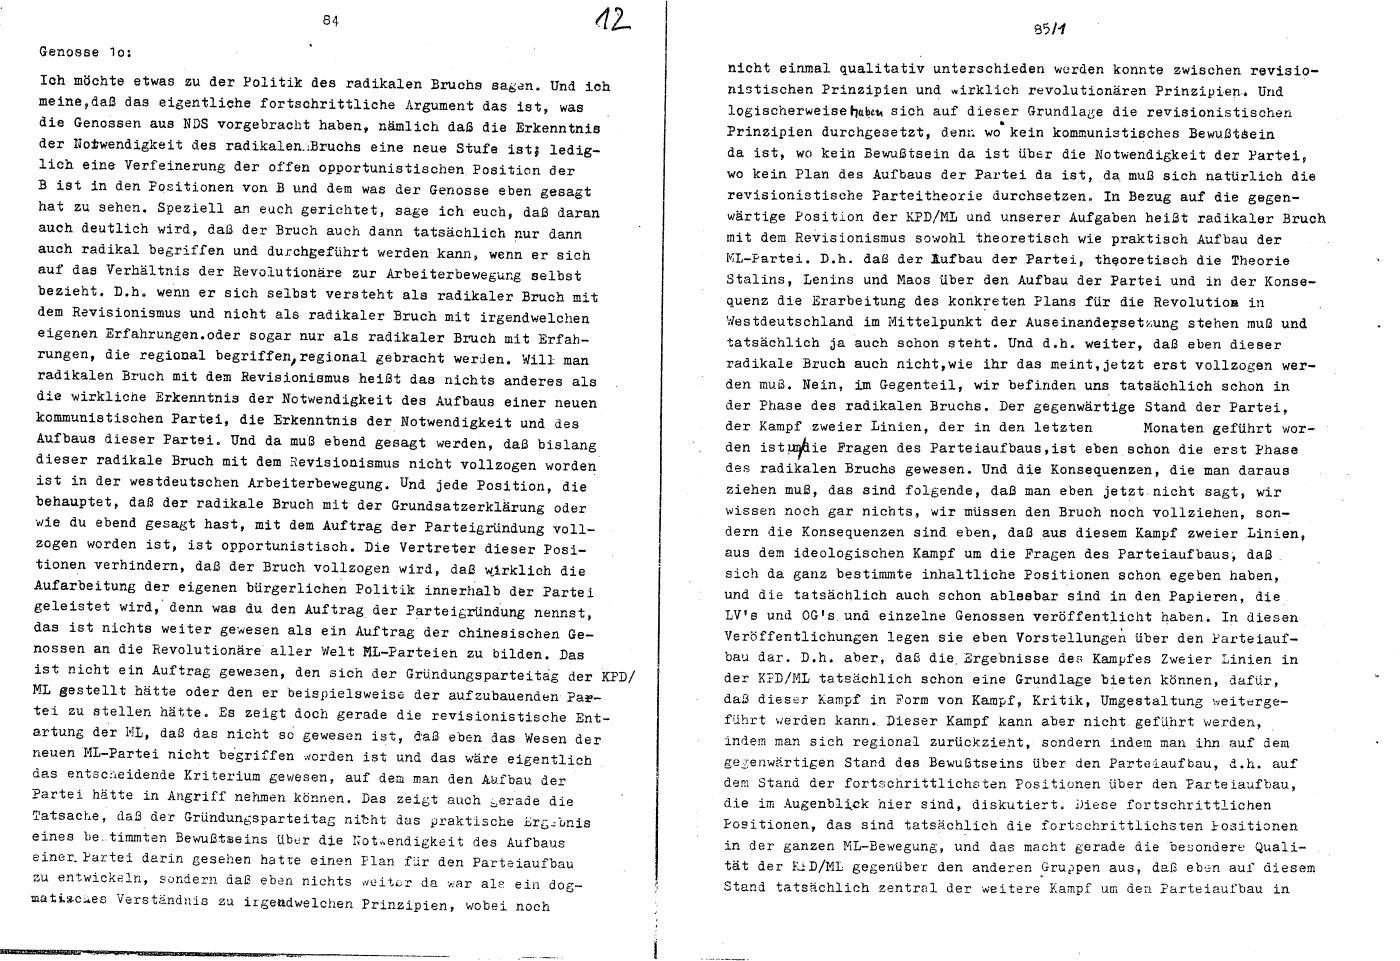 KPDML_1971_Wortprotokolle_aoPt_031